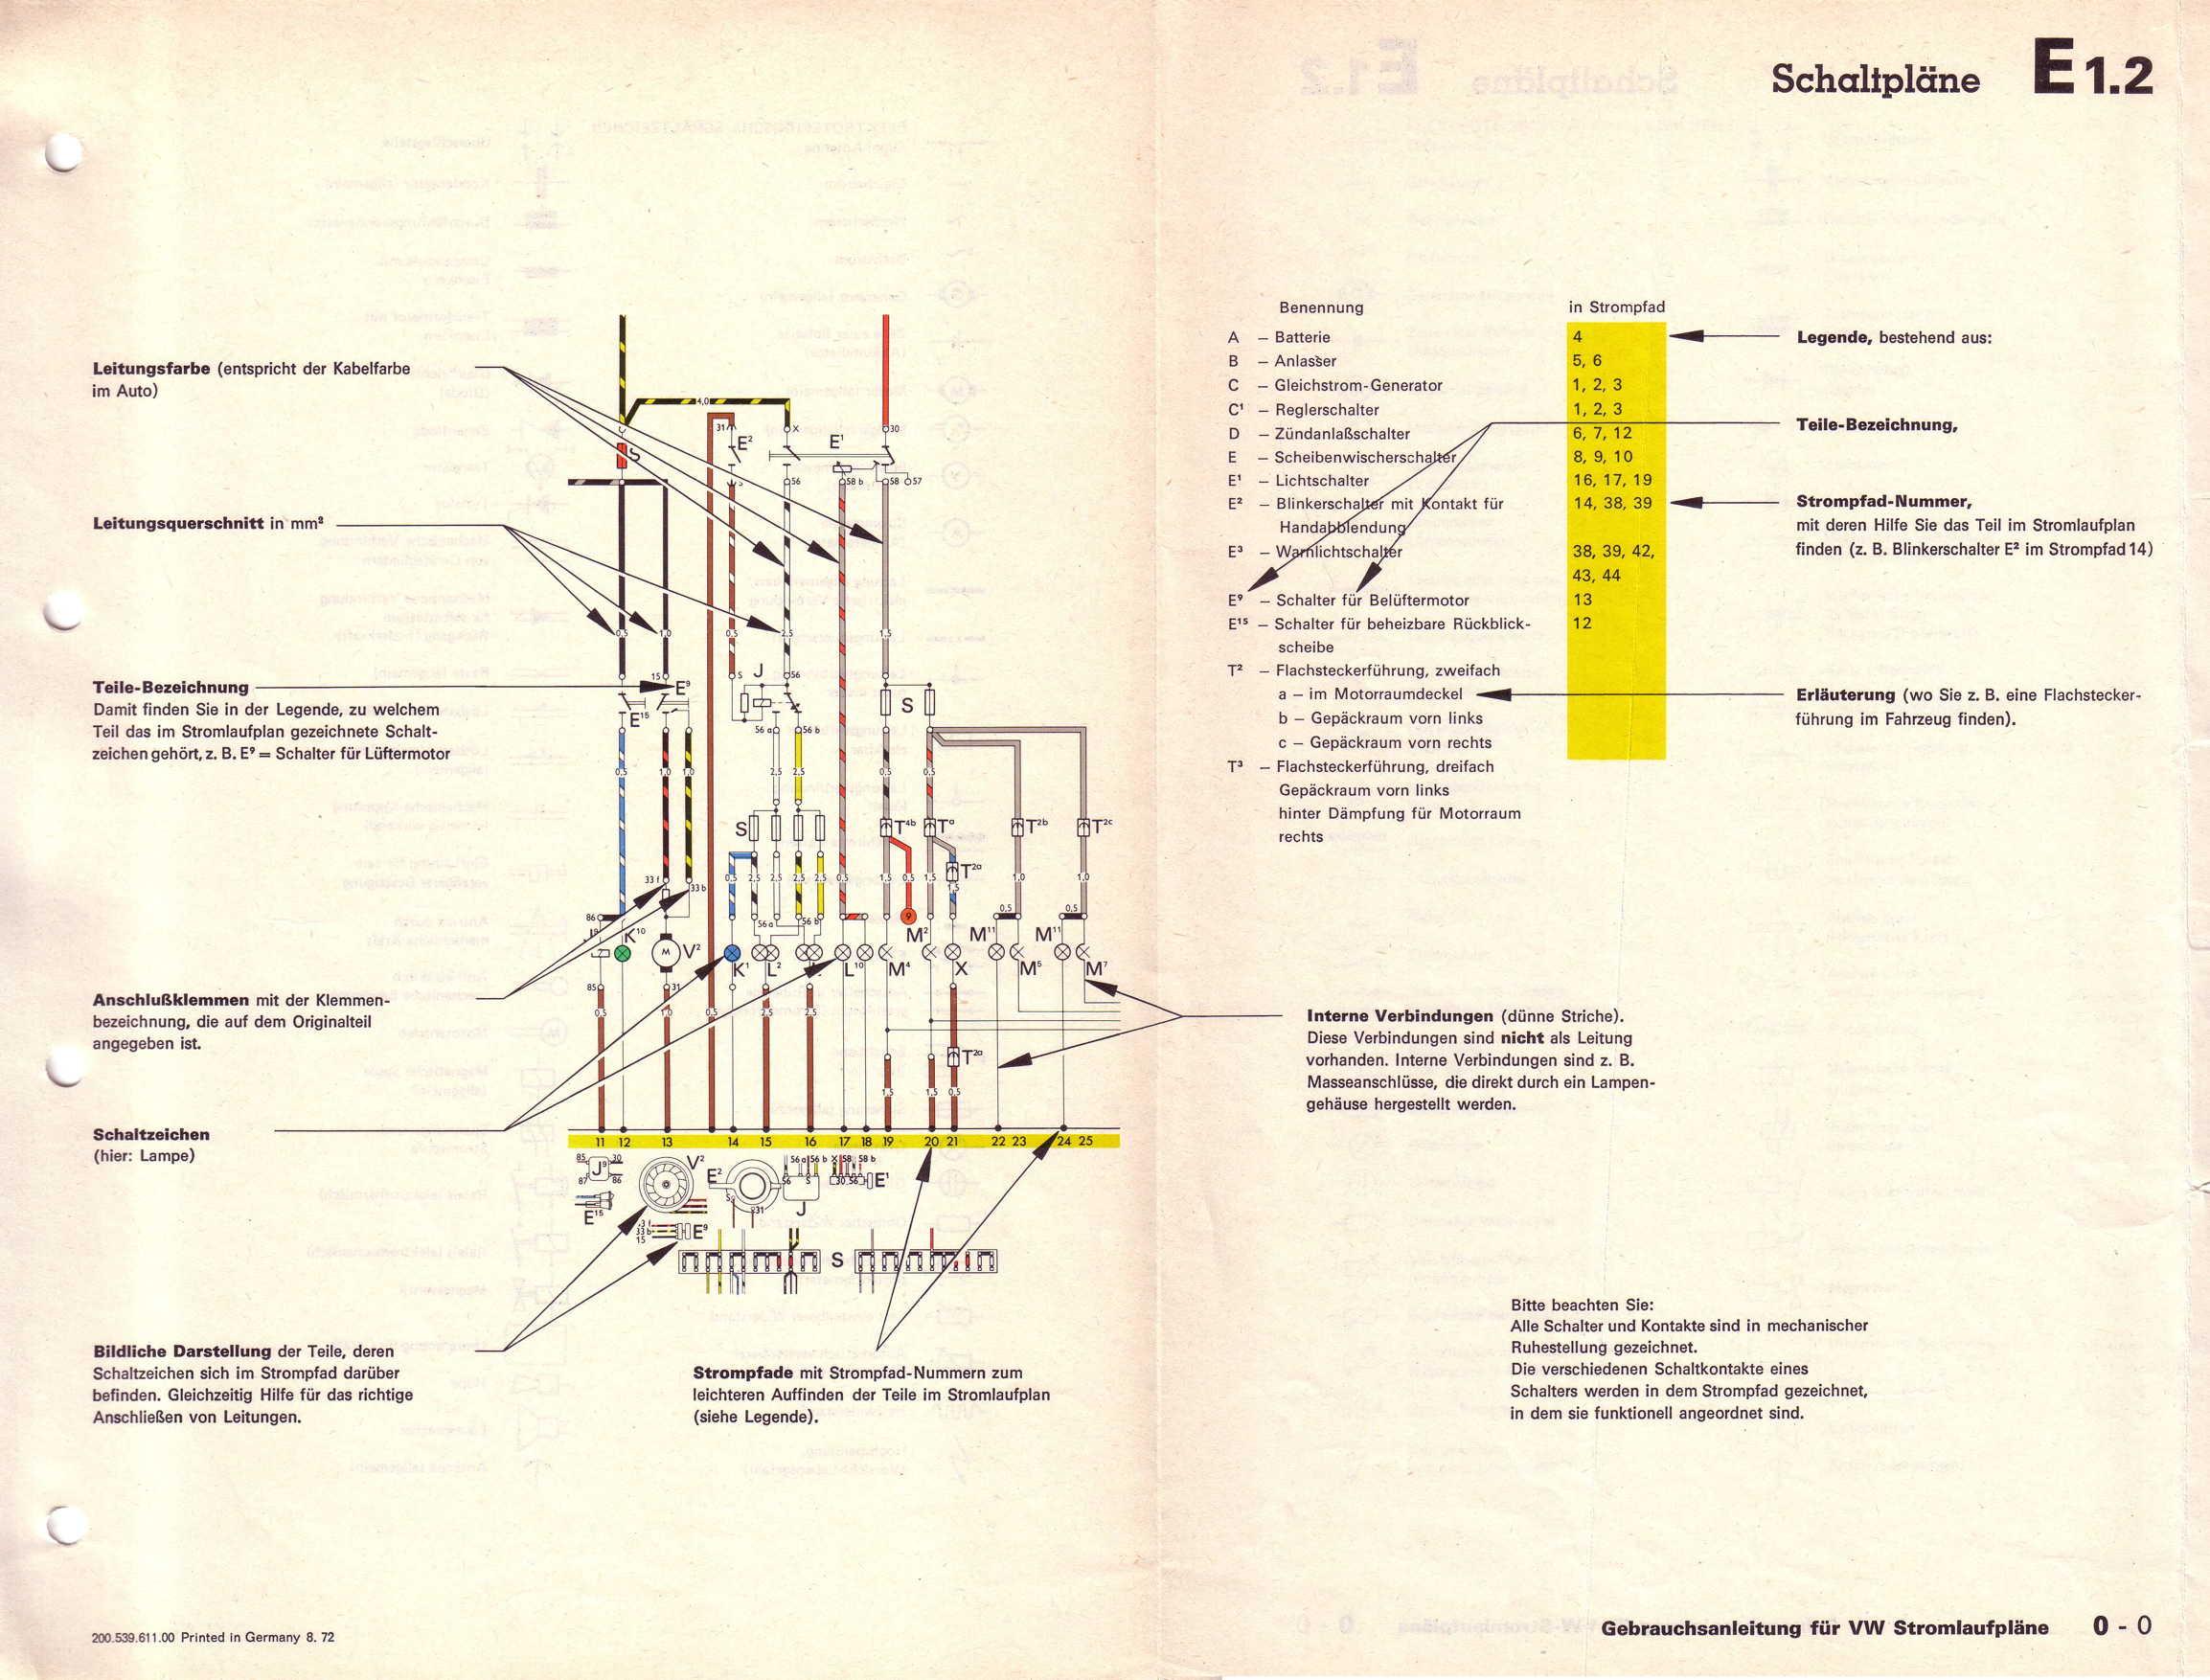 1972 Volkswagen Wiring Diagram also 1974 VW Super Beetle Wiring Diagram together with VW Beetle Wiring Diagram as well Electrical Wiring Diagram For A 1965 VW Beetle likewise 99 VW Jetta MK3. on volkswagen beetle to volksrod technical info wiring diagrams